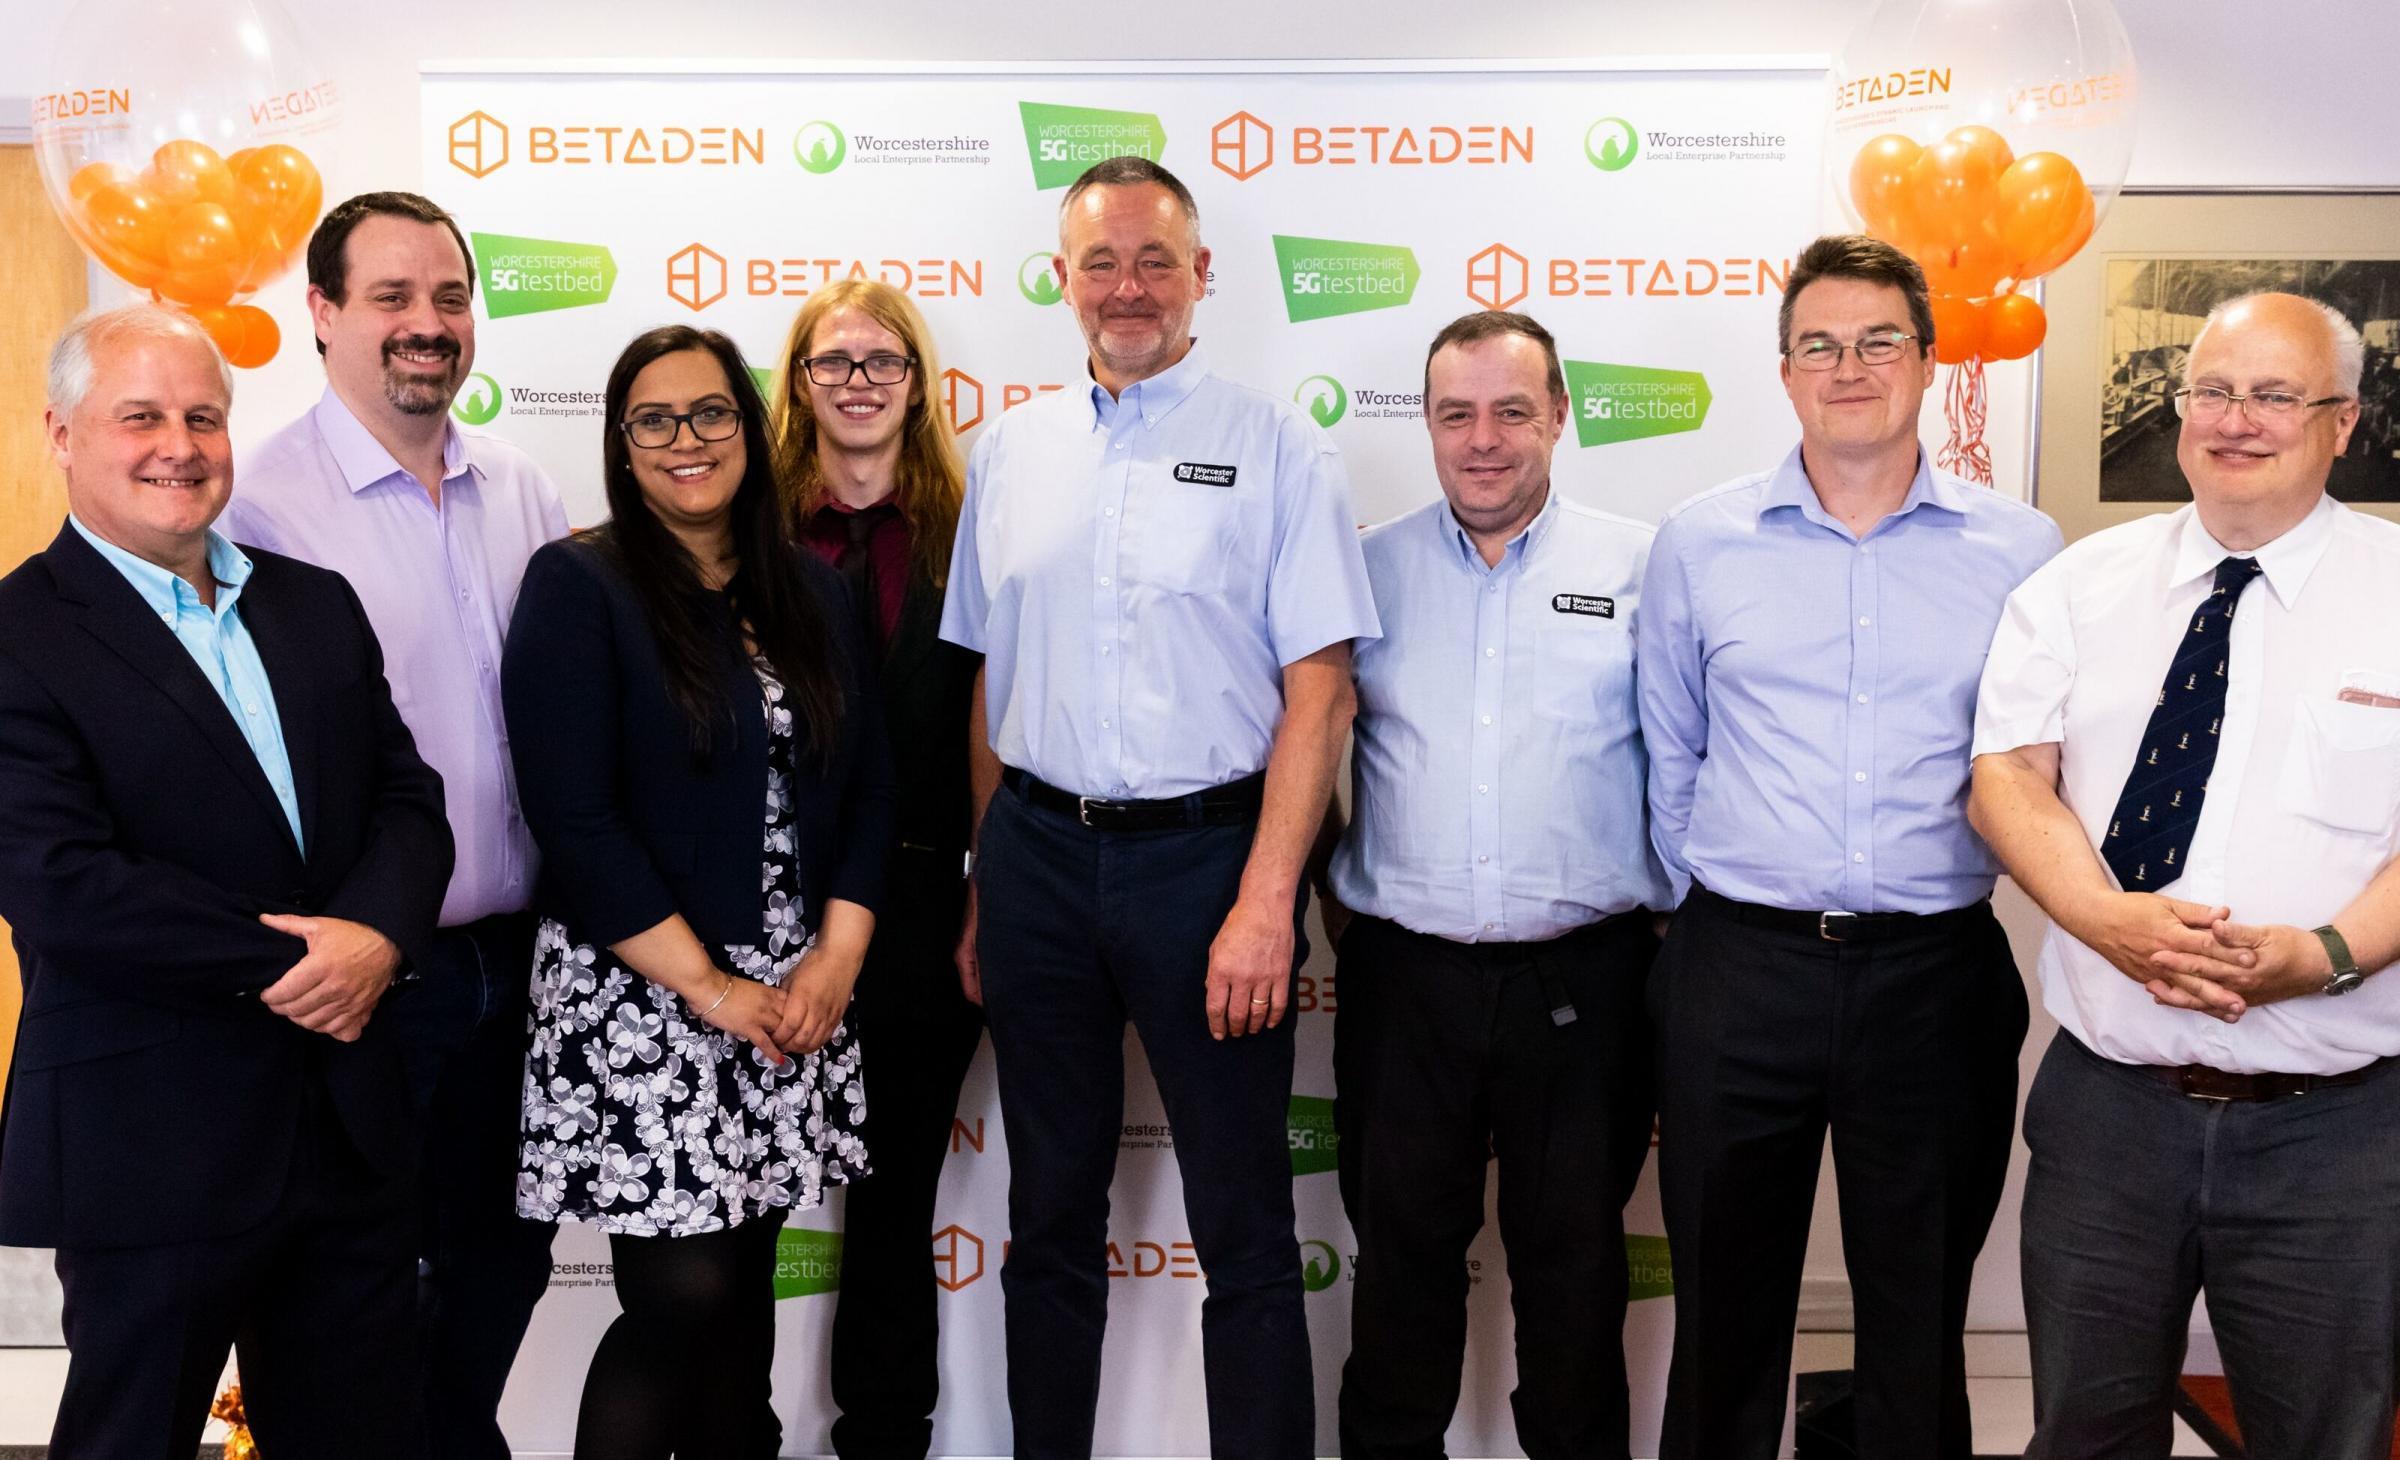 Tech firms meet for BetaDen's cohort 1.0 event in Worcester